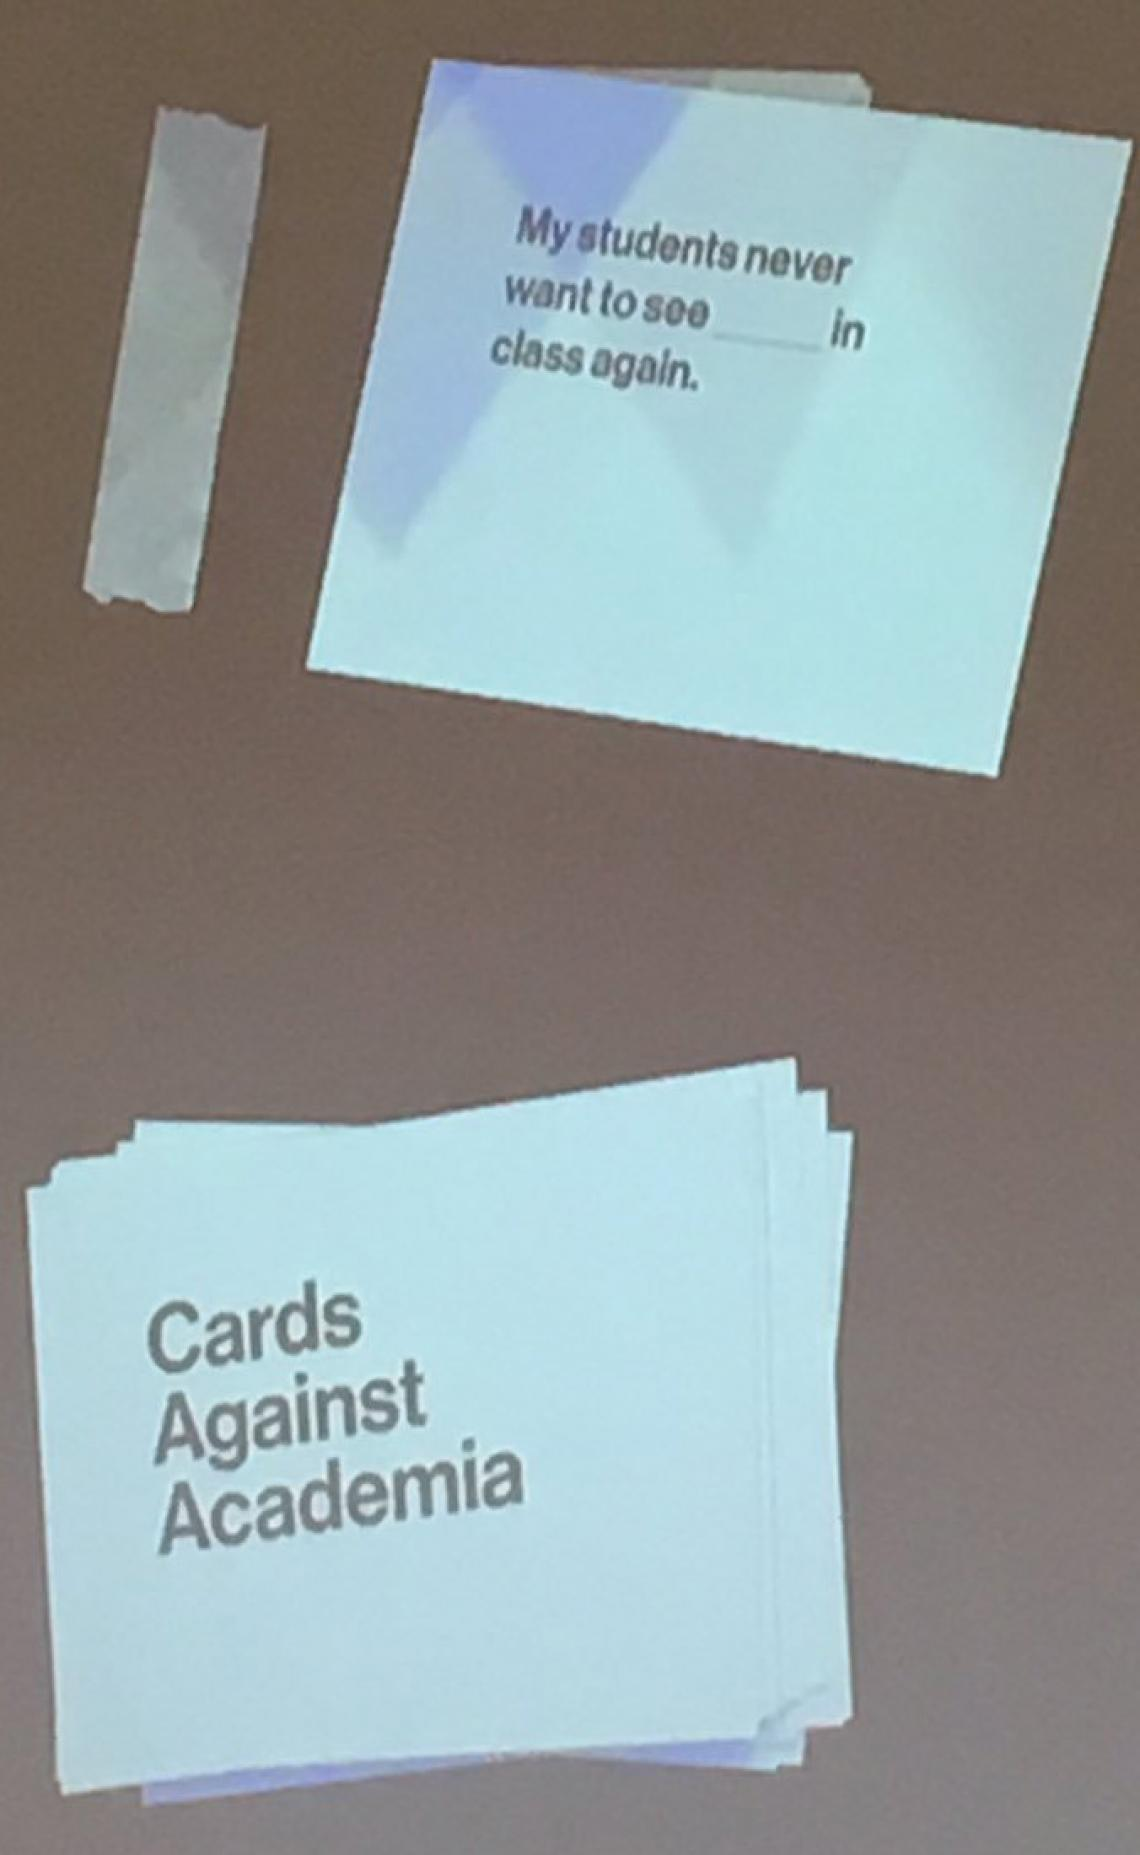 Cards Against Academia